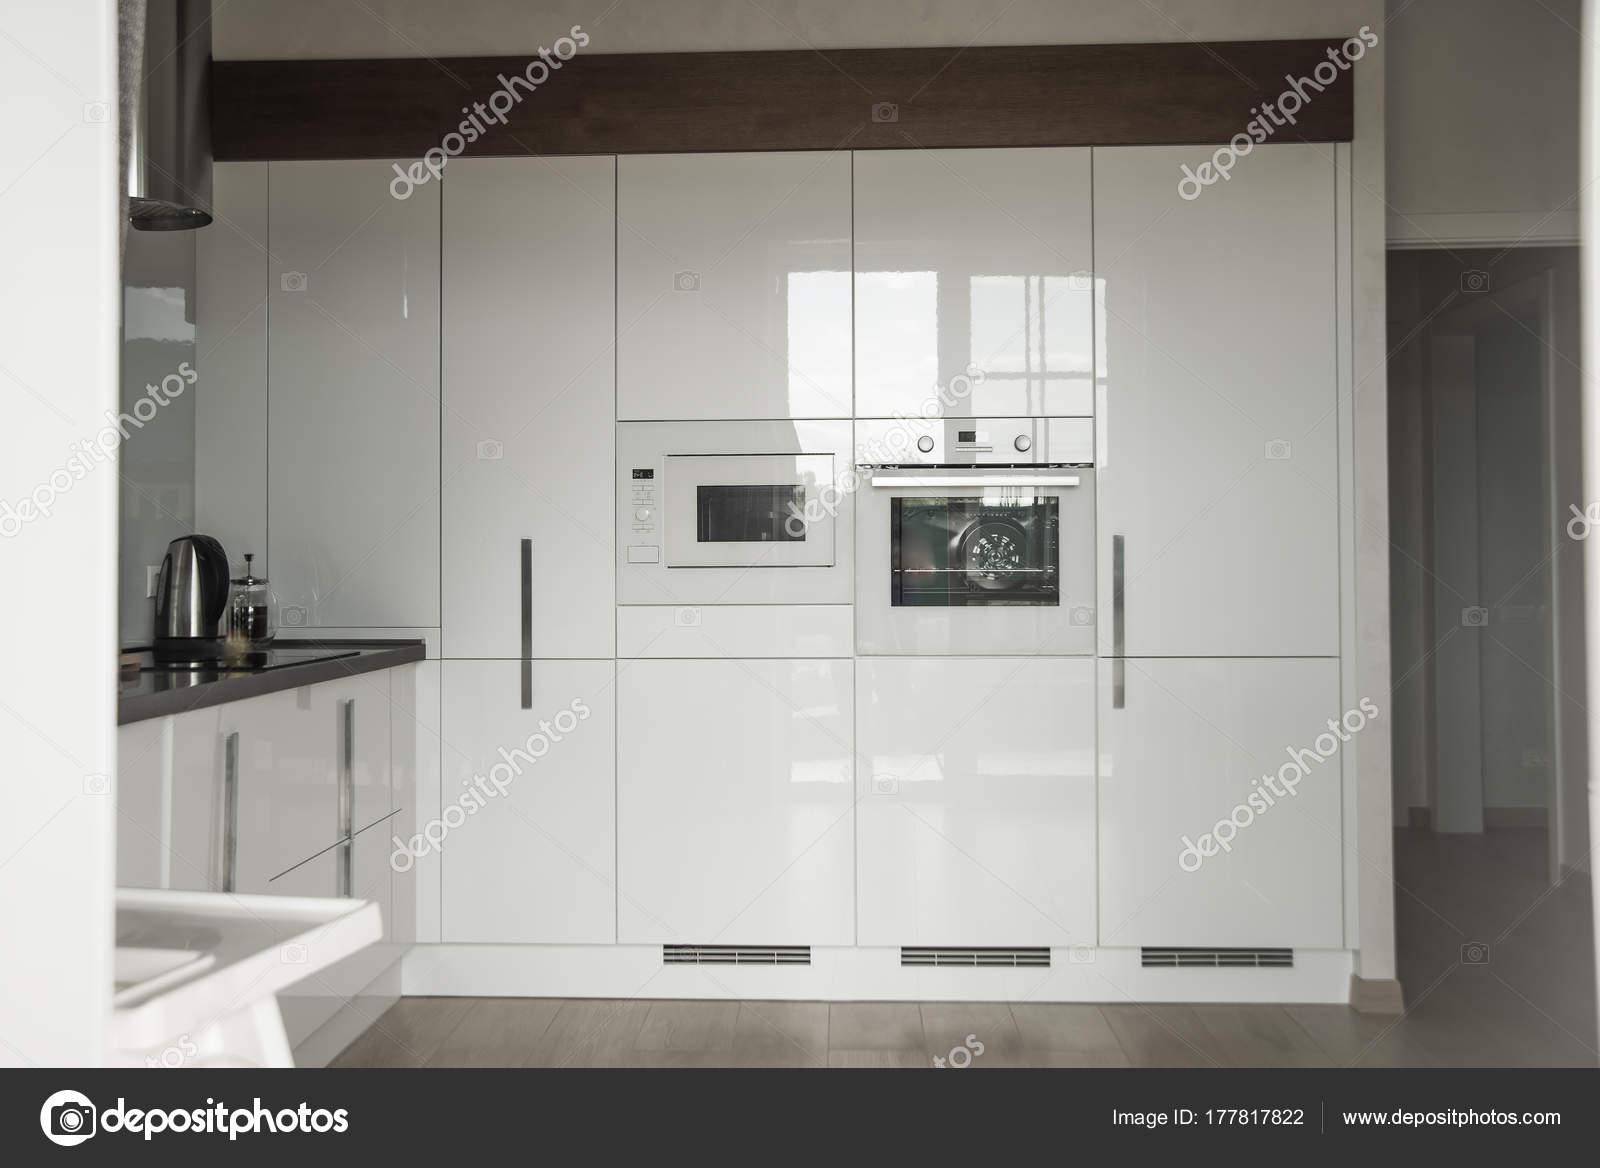 Moderne Küche Einem Wohnhaus Innere Des Weißen Baute Moderner Küche ...